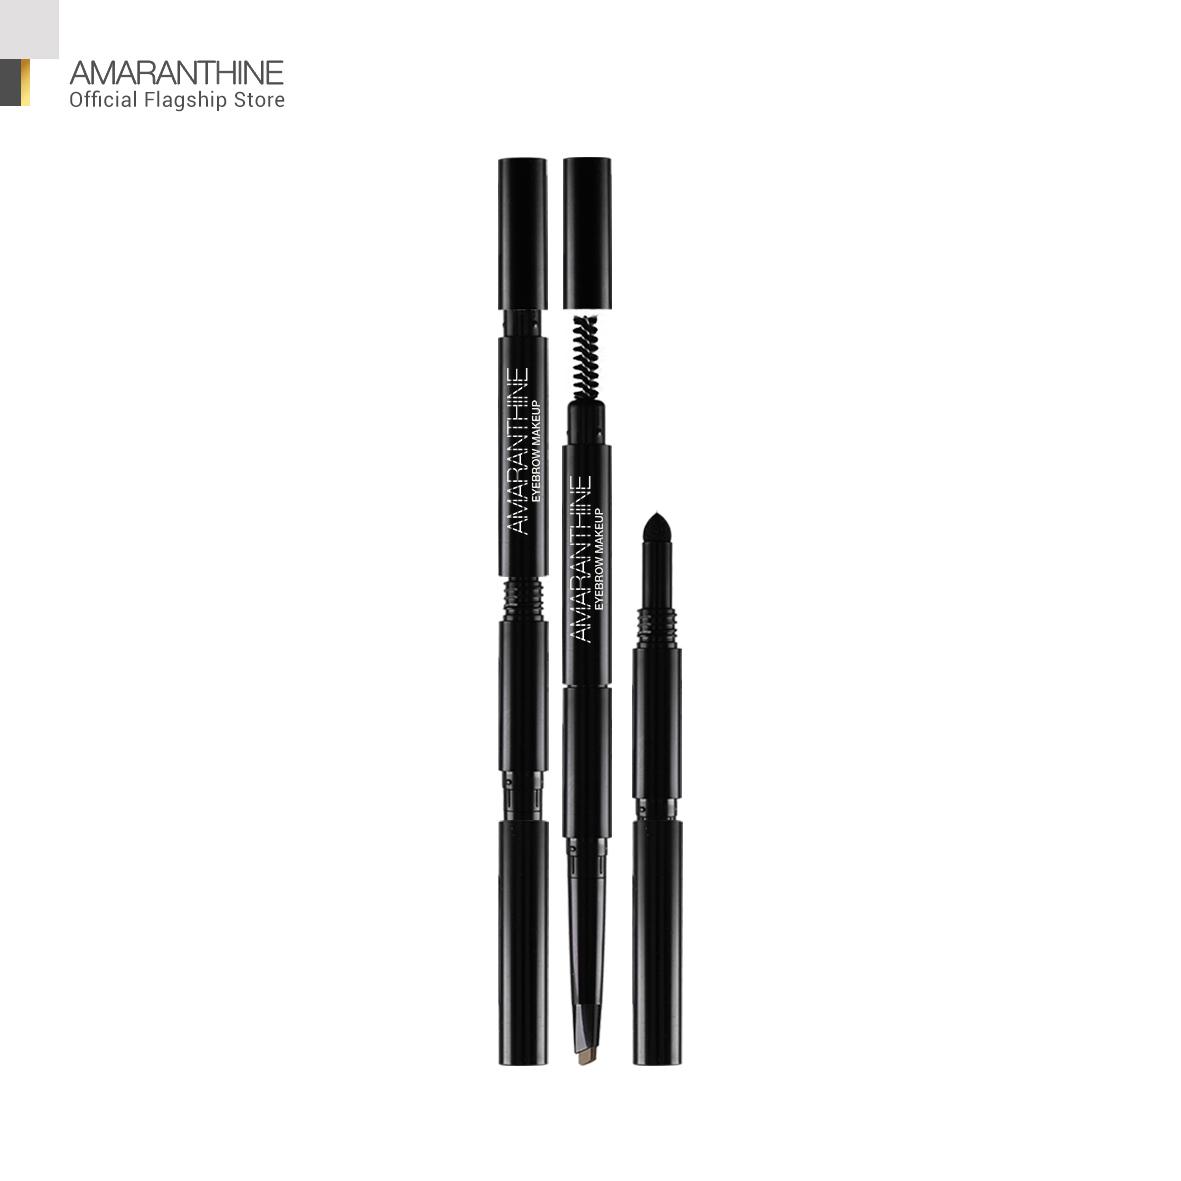 AMARANTHINE 3 in 1 Eyebrow Microblending & Lash Definer (Waterproof) thumbnail